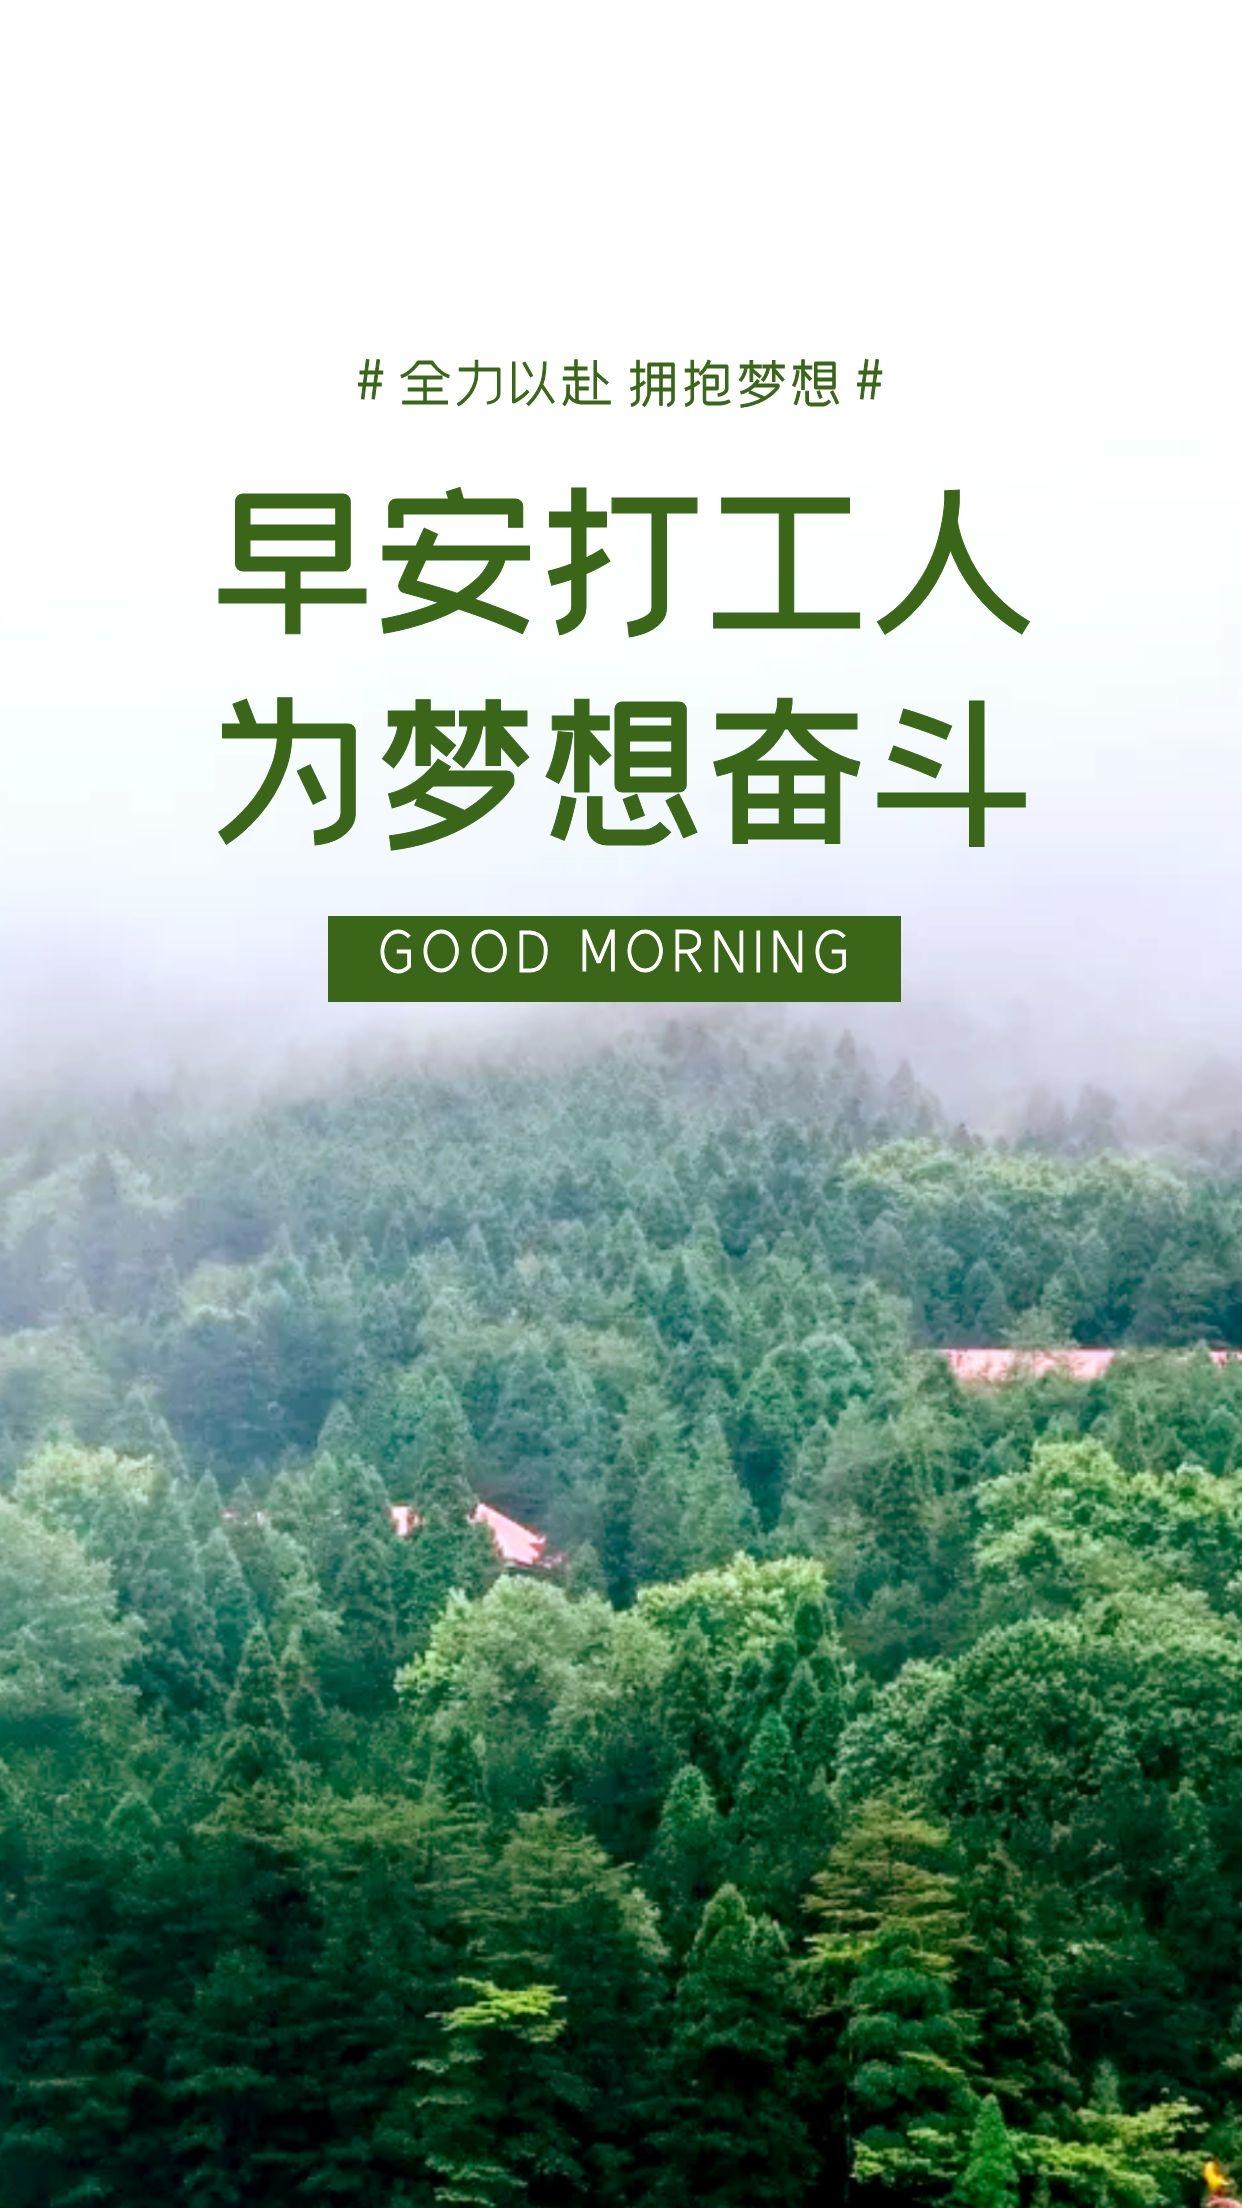 新的一天早上好正能量励志图片说说,带着笑容,重新出发